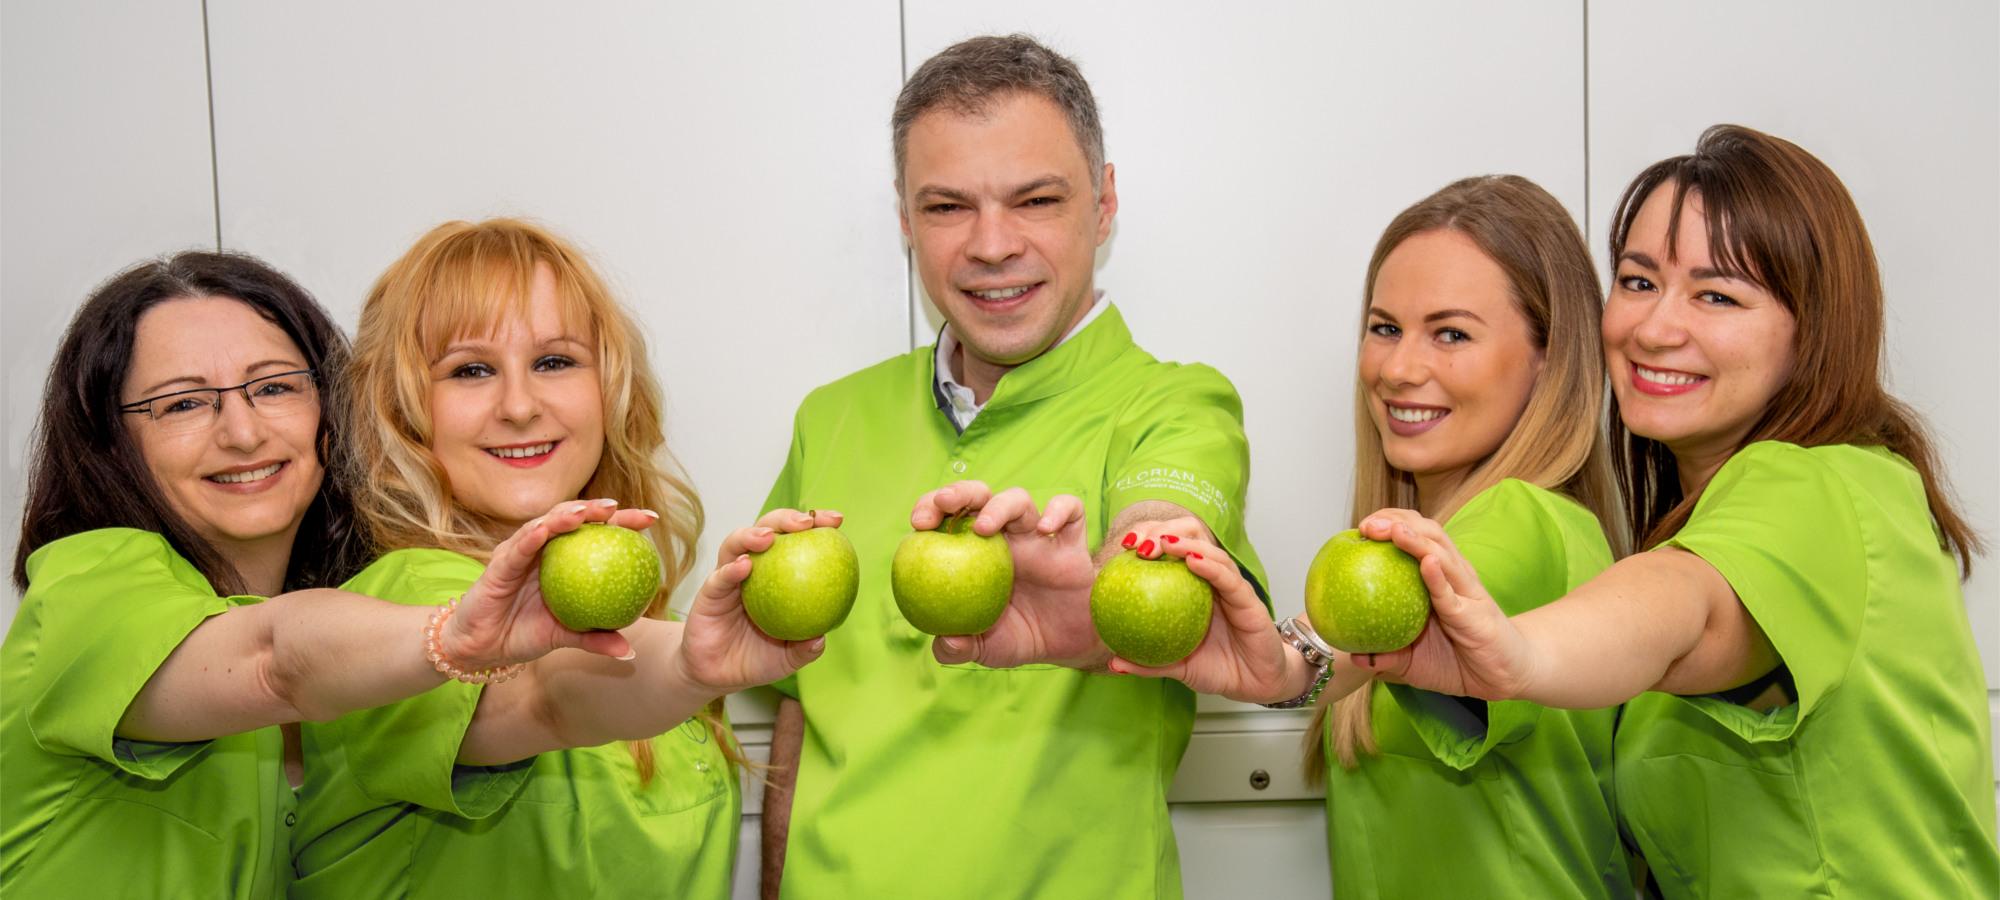 Äpfel4